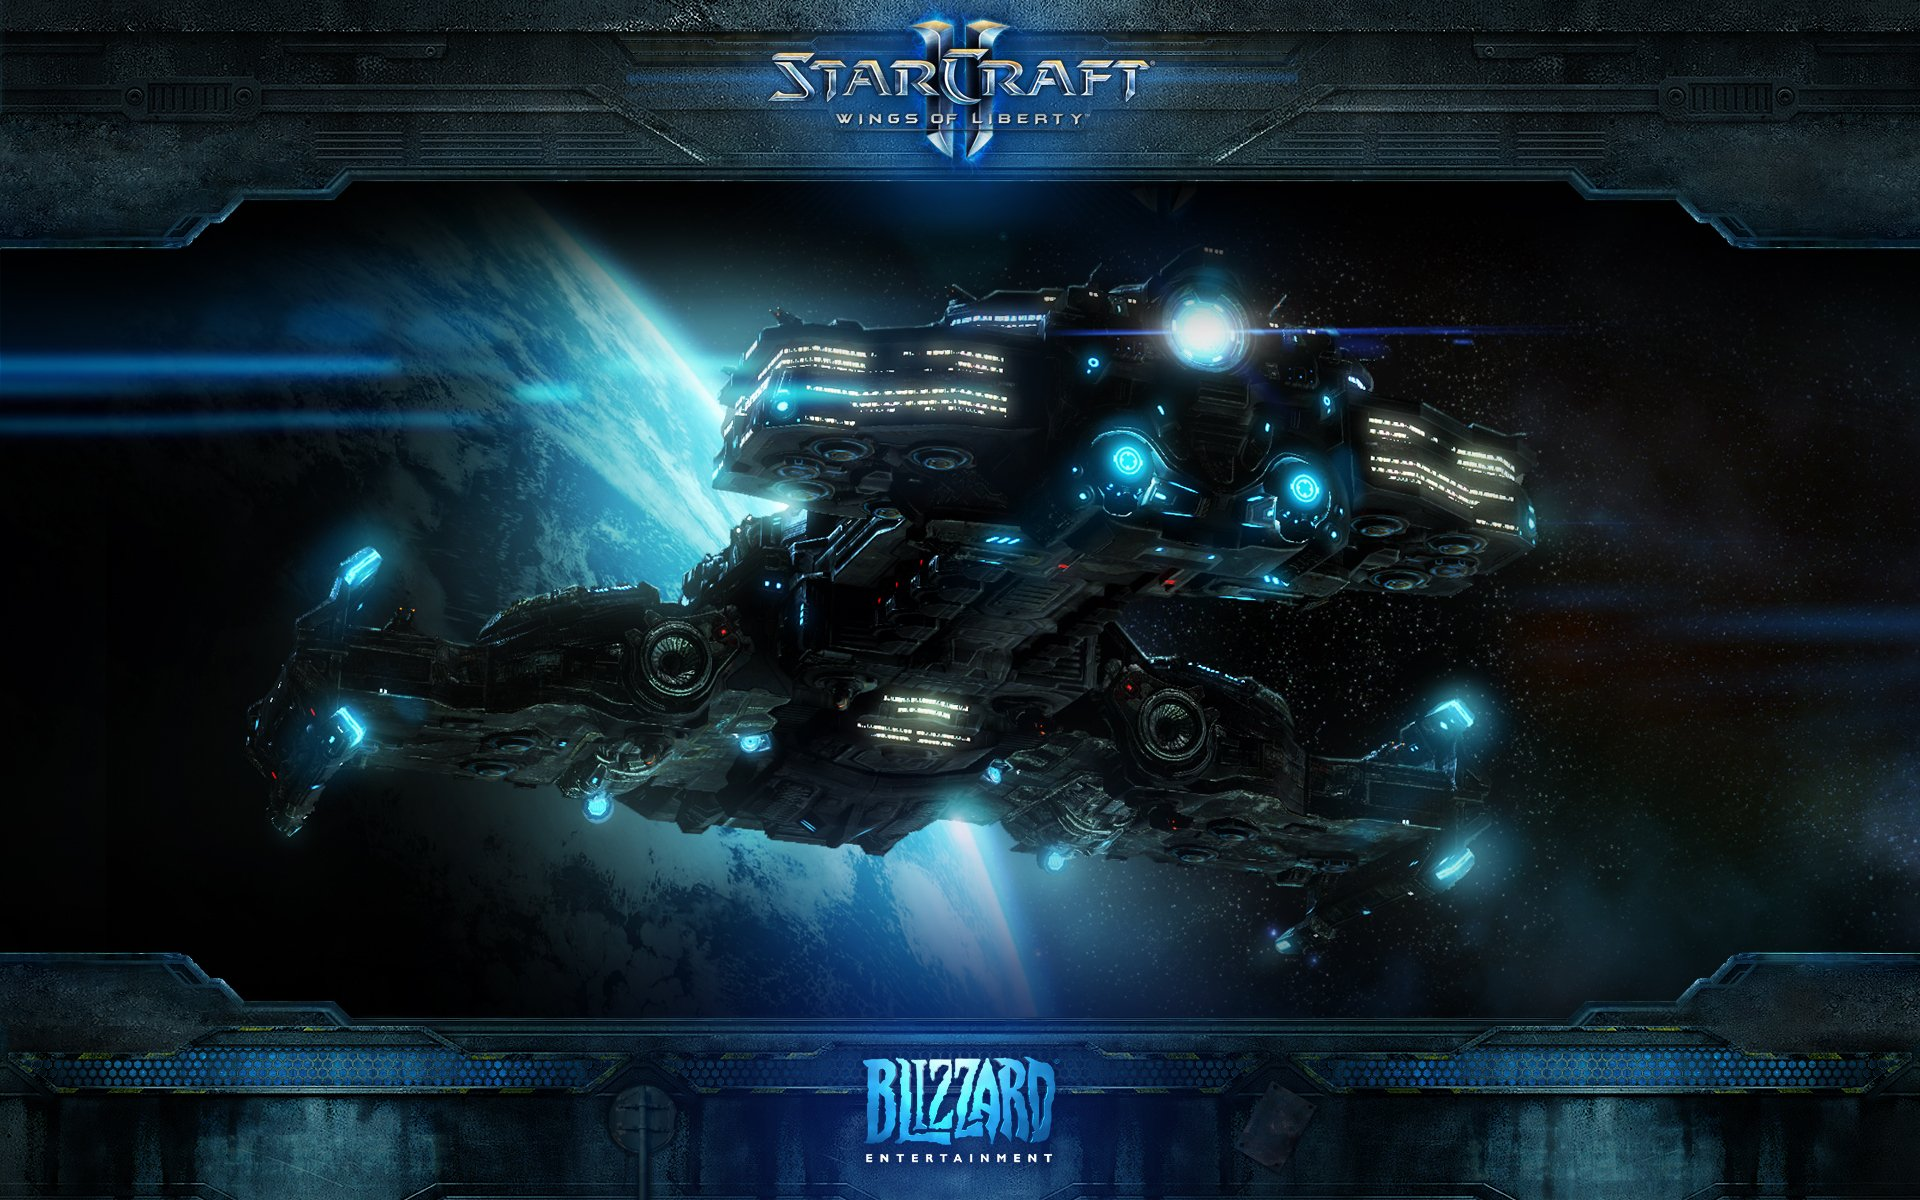 Starcraft Spaceship [wide] 1920x1200